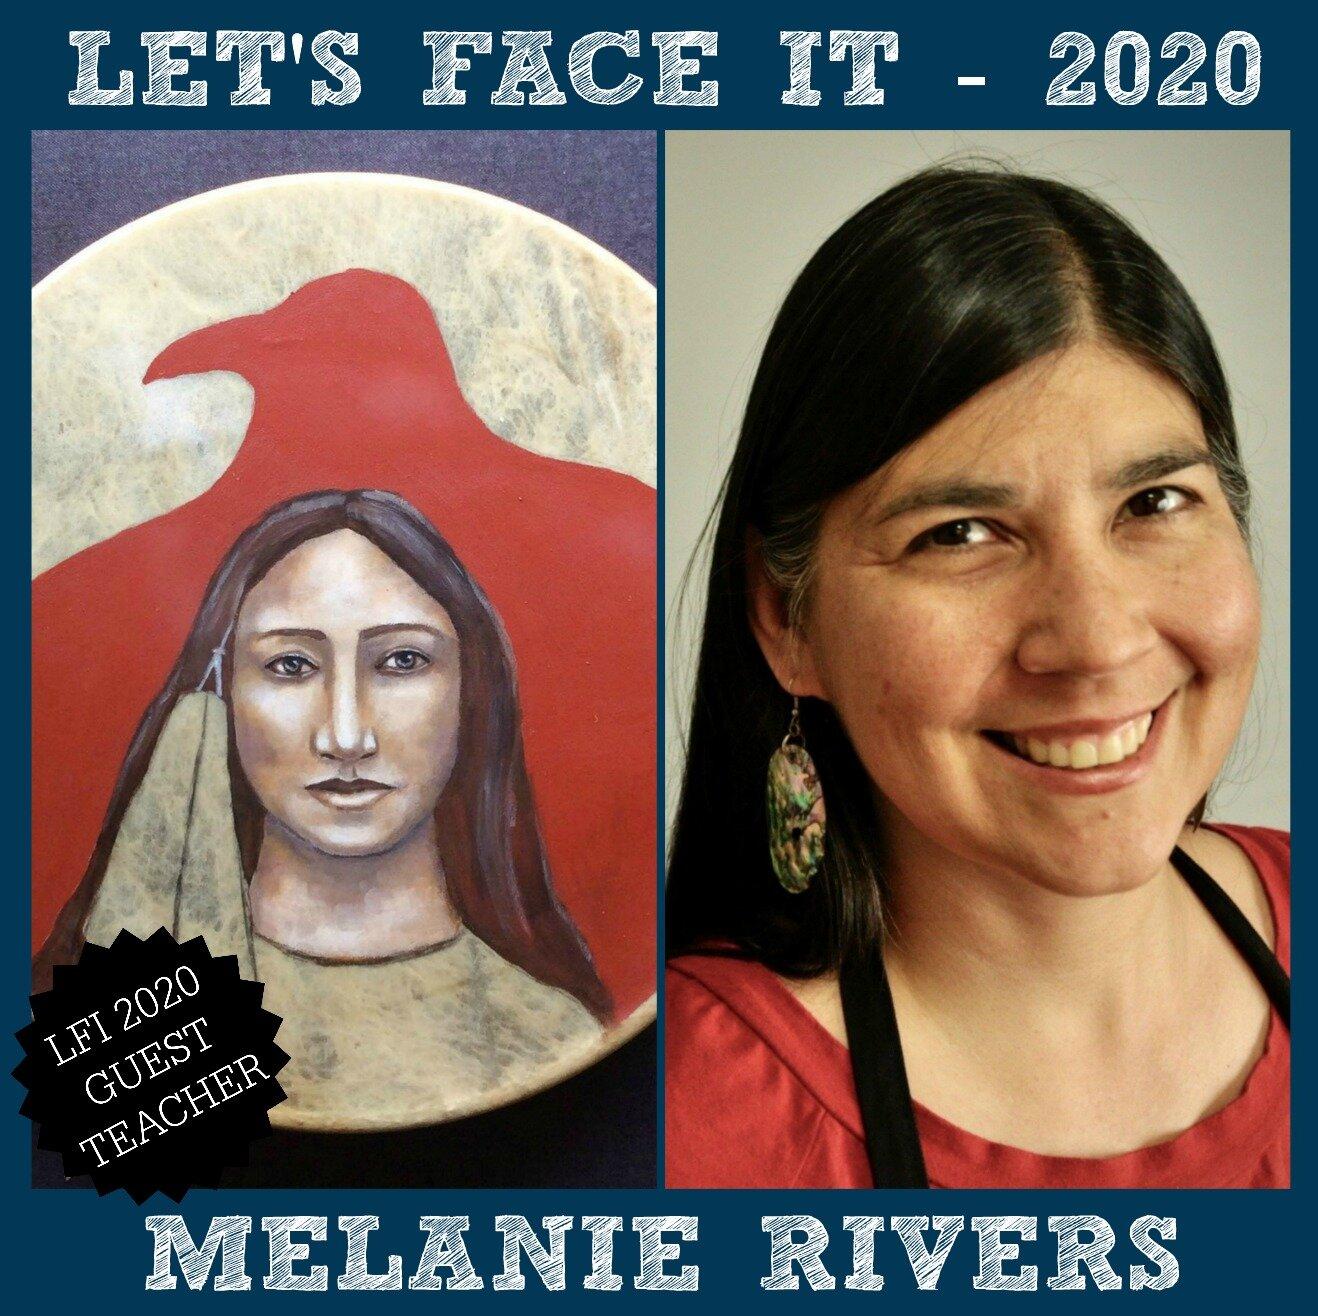 Let's Face It 2020